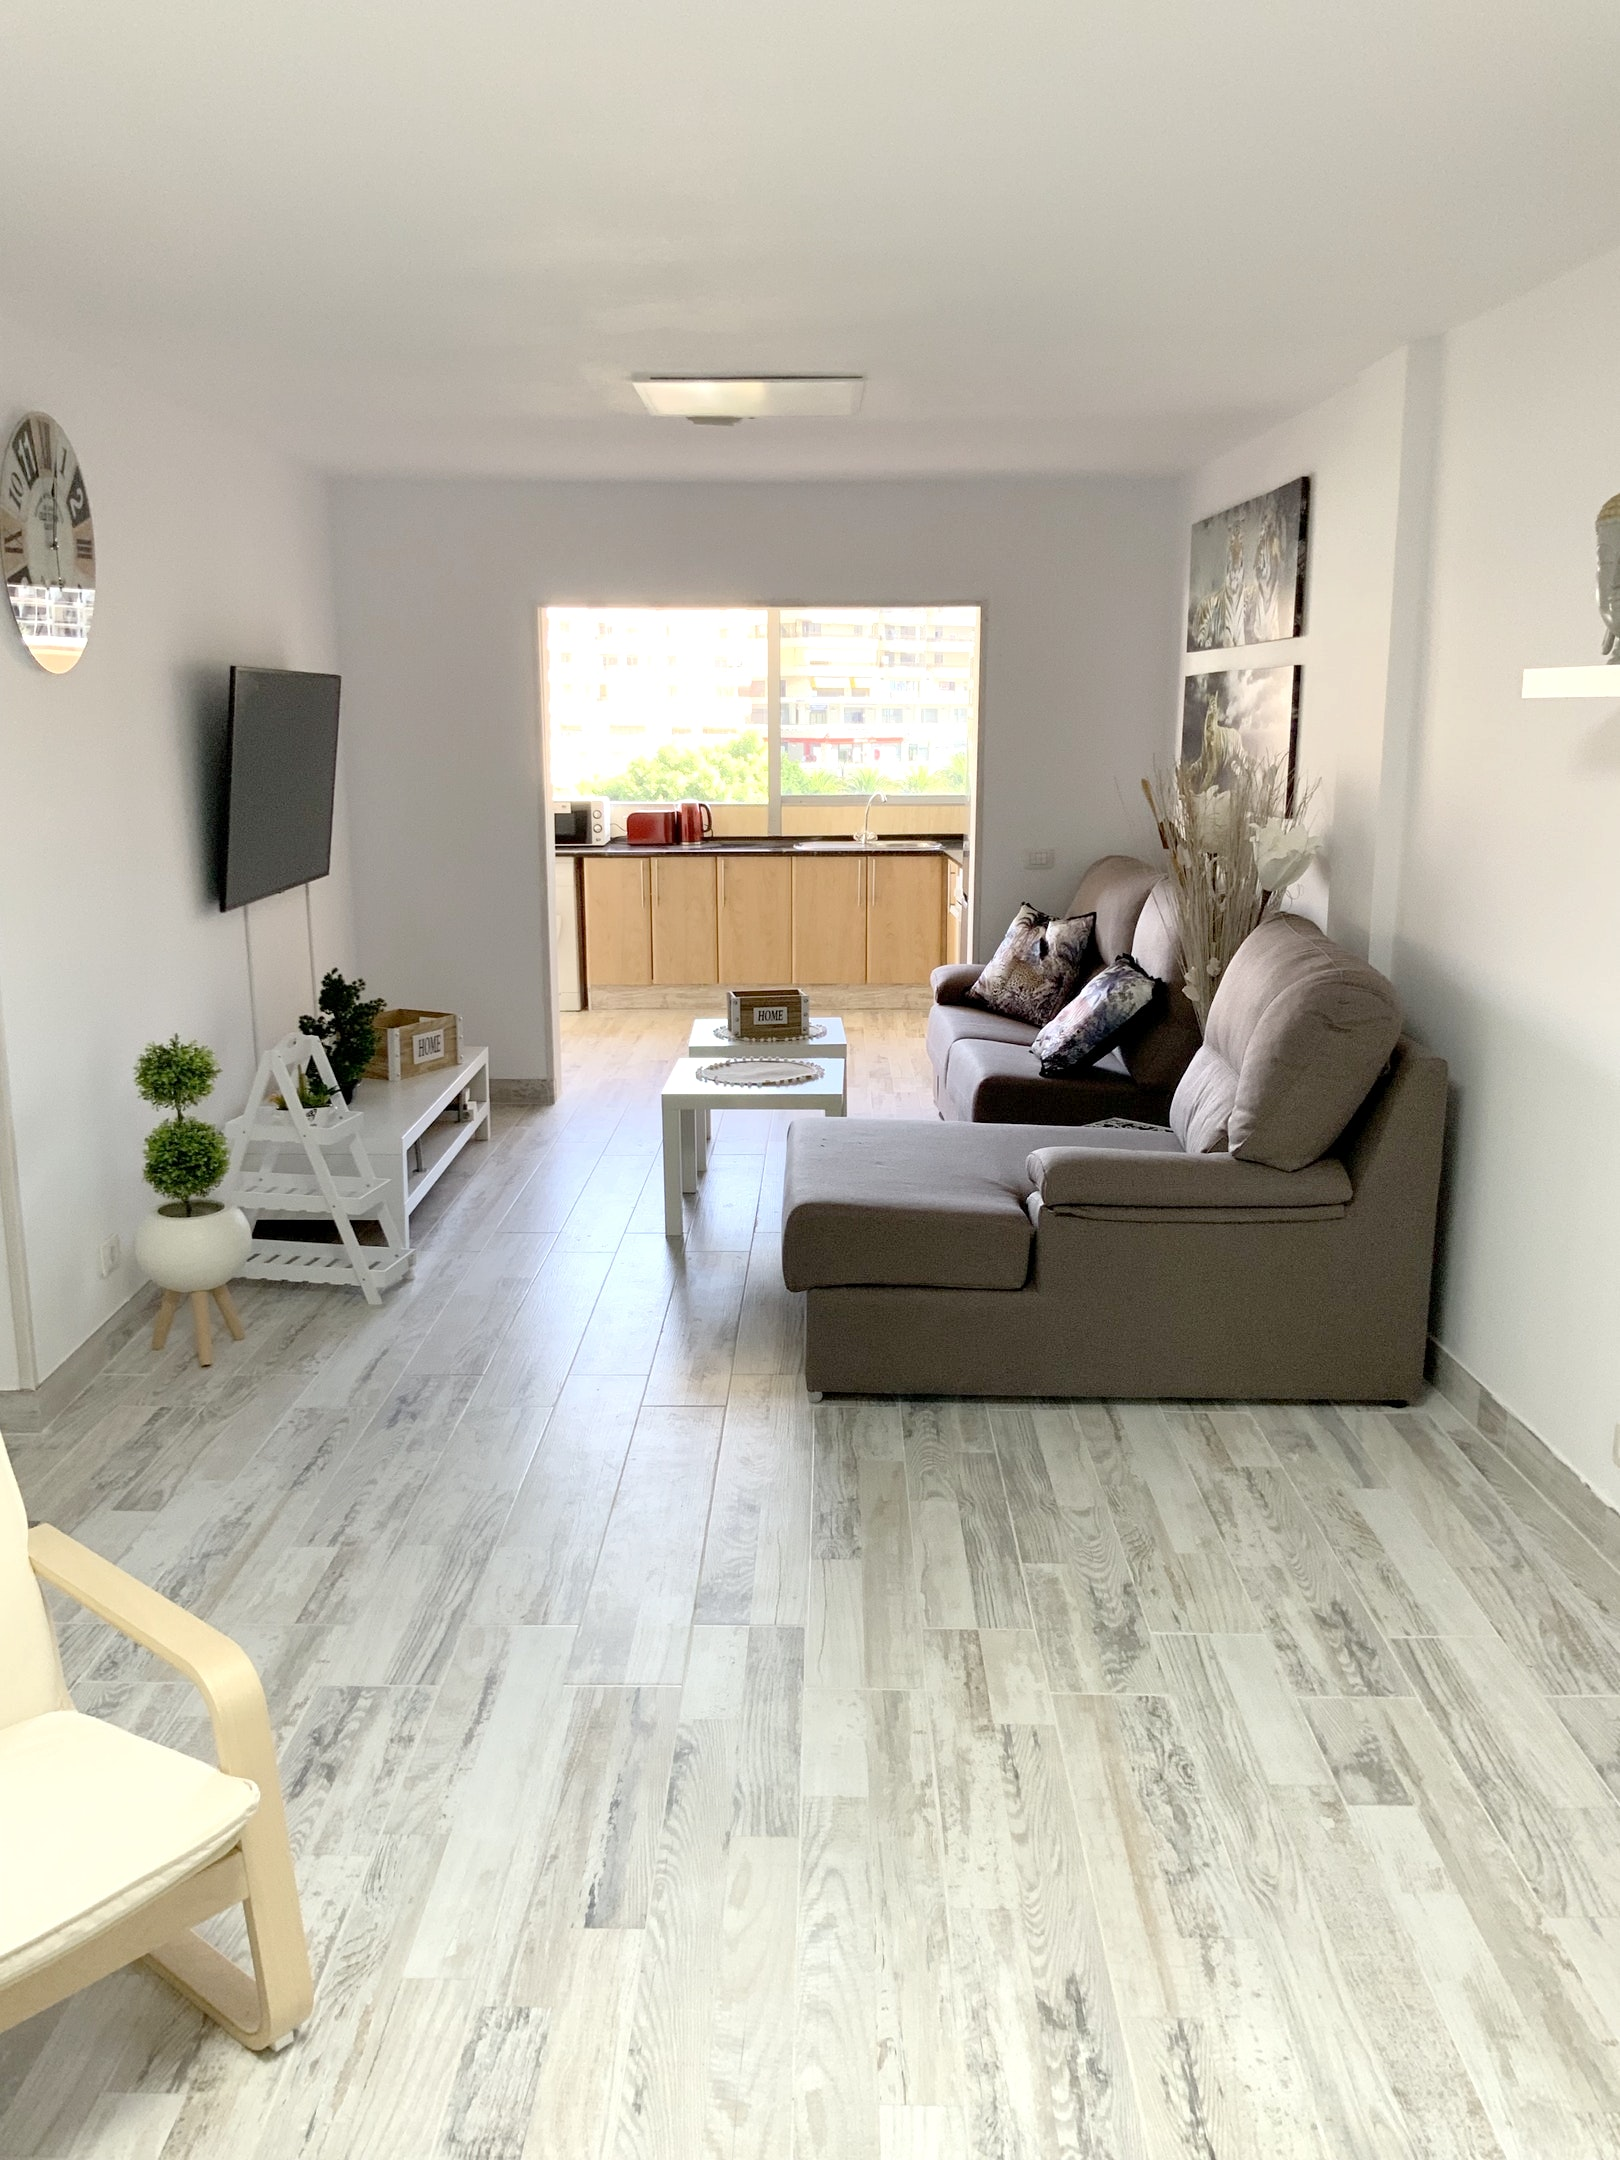 Appartement de vacances Wohnung mit 2 Schlafzimmern in Los Cristianos mit toller Aussicht auf die Berge, eingezäun (2202481), Los Cristianos, Ténérife, Iles Canaries, Espagne, image 2